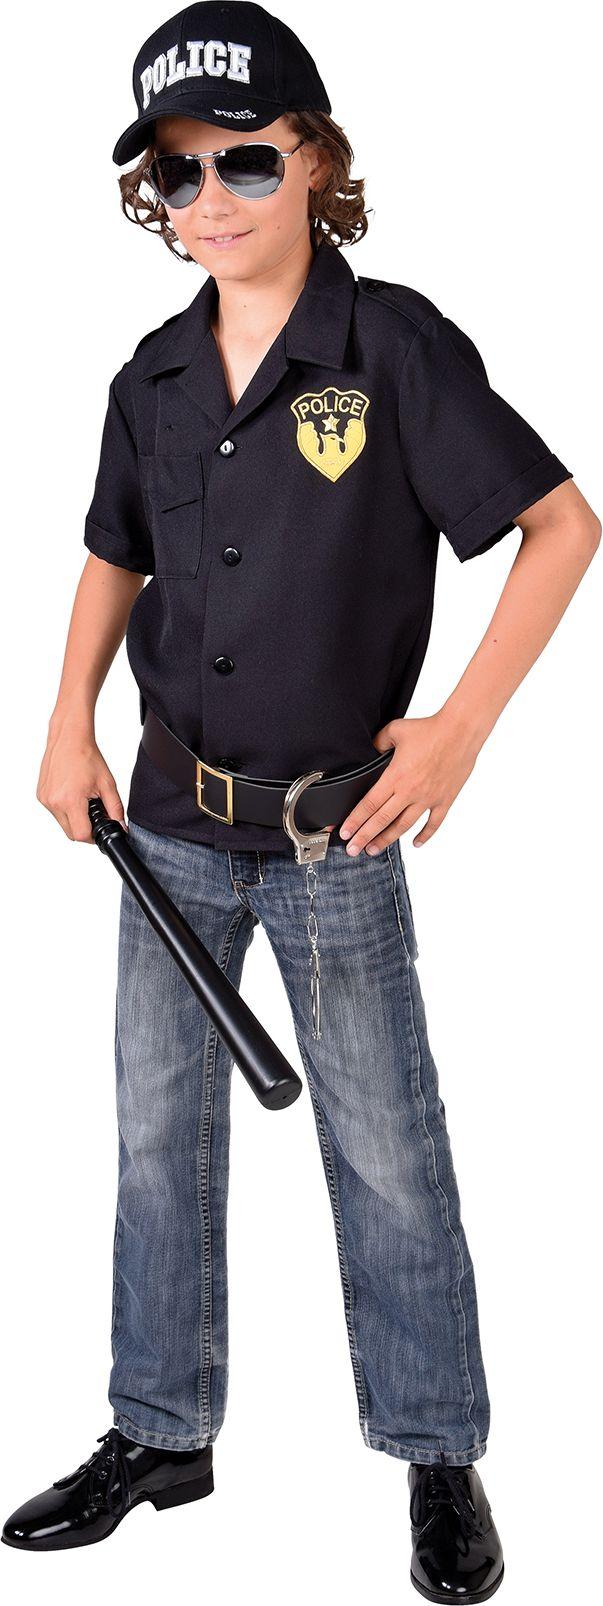 Politie blouse zwart jongens